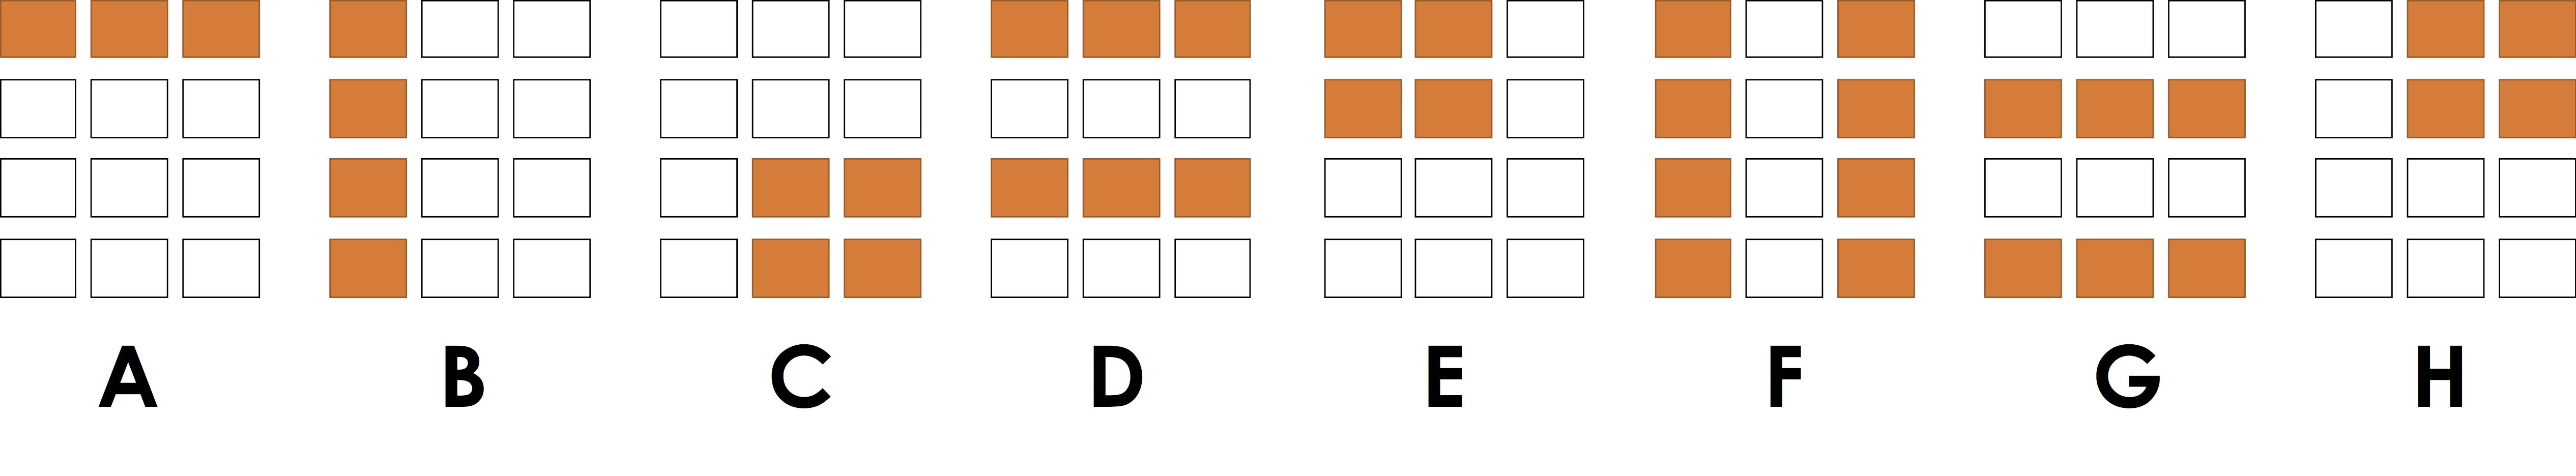 lec7_code_demo